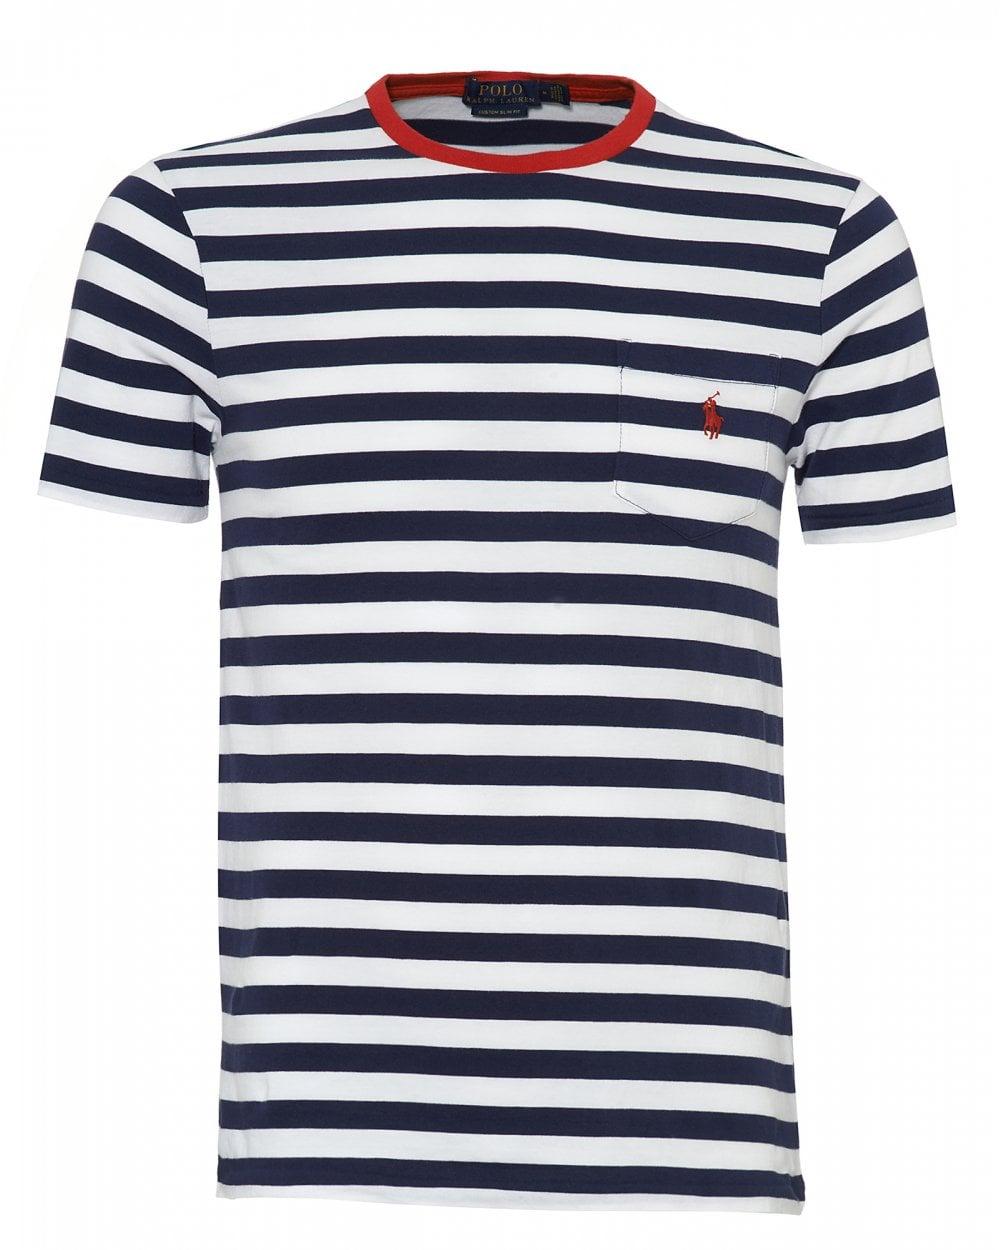 Ralph Lauren Mens Striped T-Shirt, Newport Navy Blue White Tee